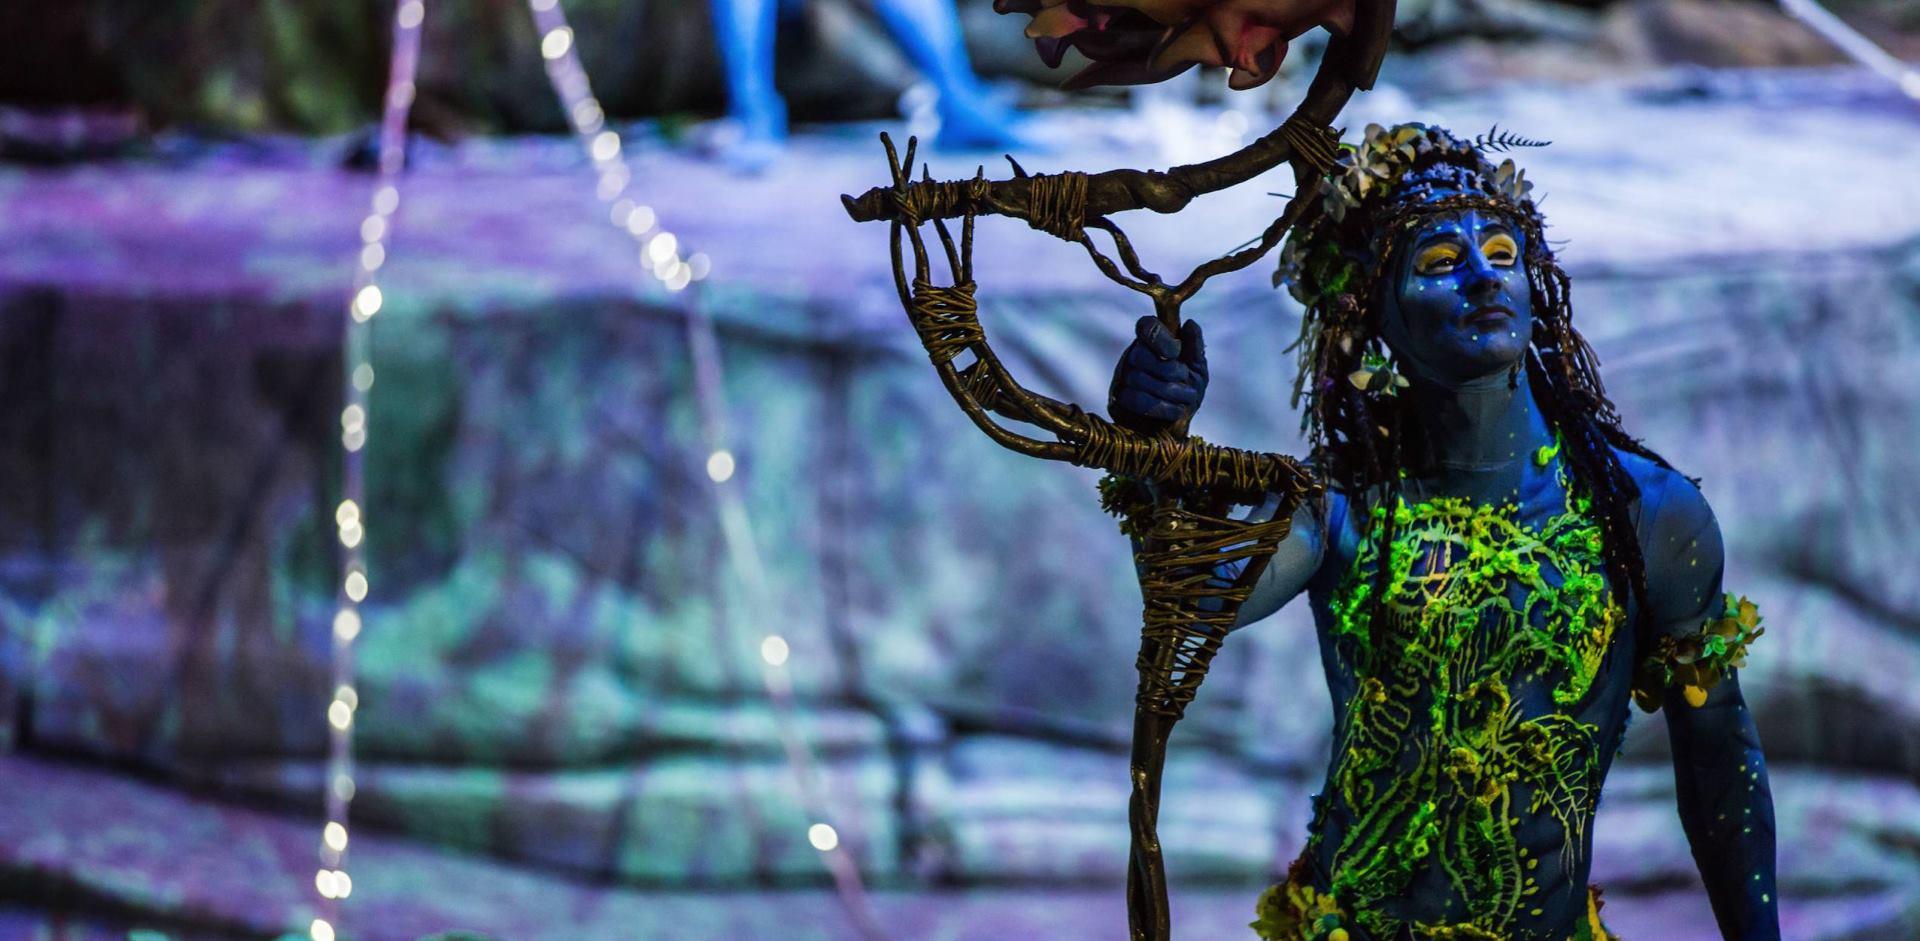 TORUK Spektakl nastao prema filmskoj uspješnici 'Avatar'